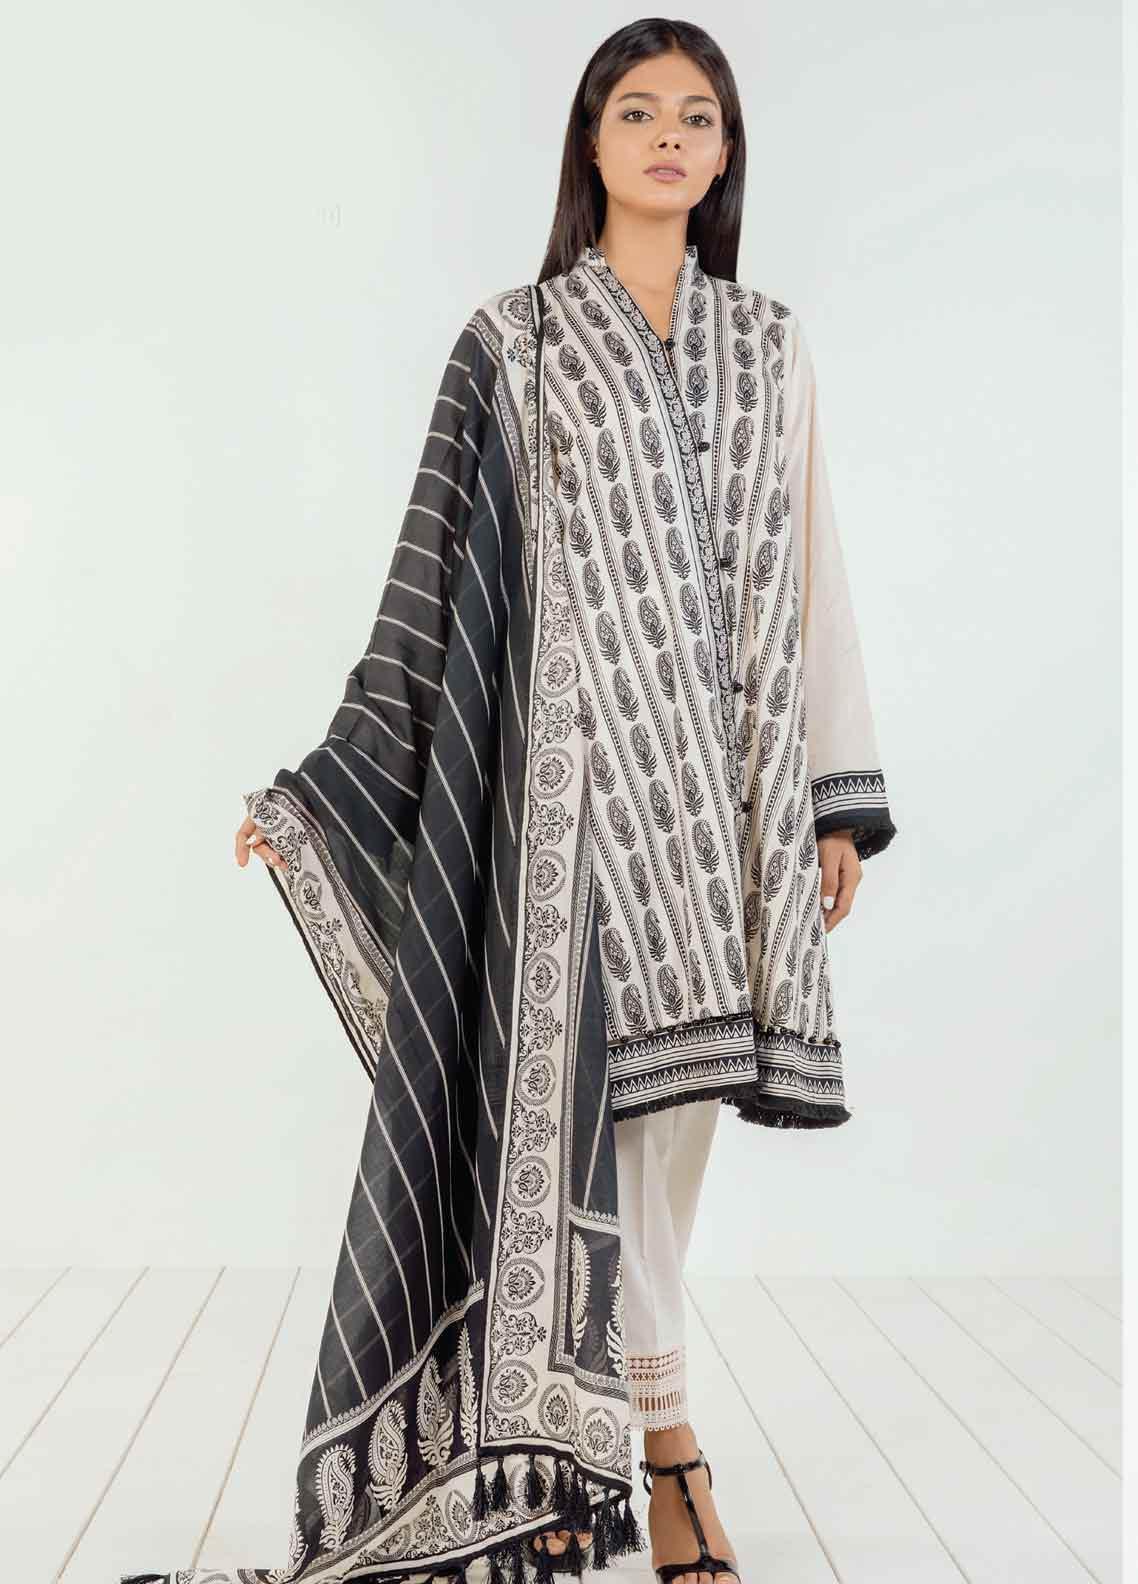 Orient Textile Printed Lawn Unstitched 3 Piece Suit OT19BW 118 - Black & White Collection